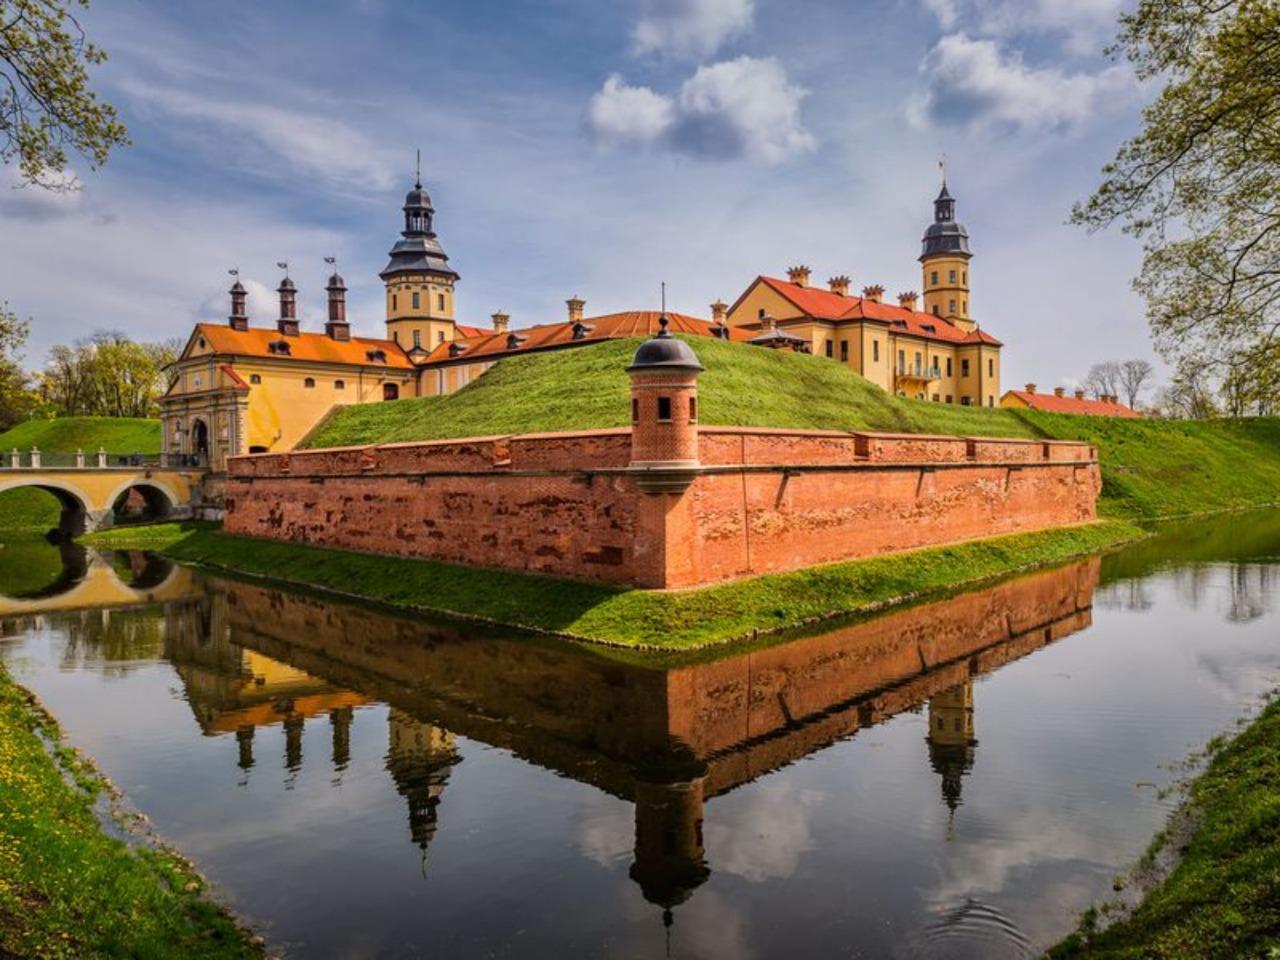 Архитектурные памятники Мира и Несвижа - индивидуальная экскурсия в Минске от опытного гида